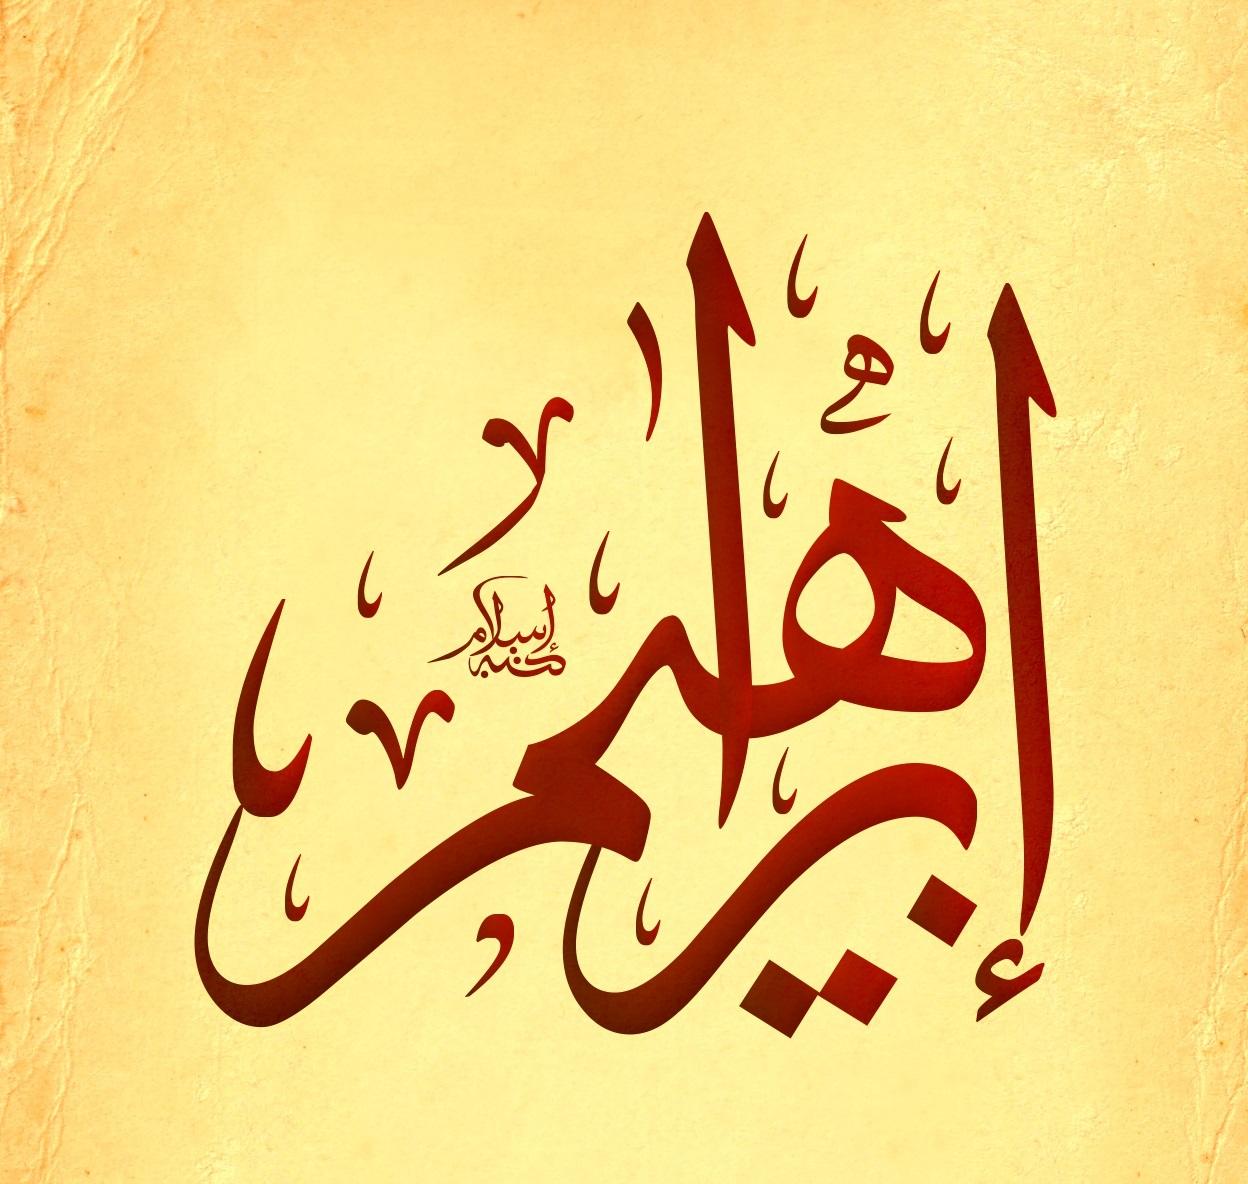 صور صور اسم ابراهيم , اجمل صور عن اسم ابراهيم عربي و انجليزي